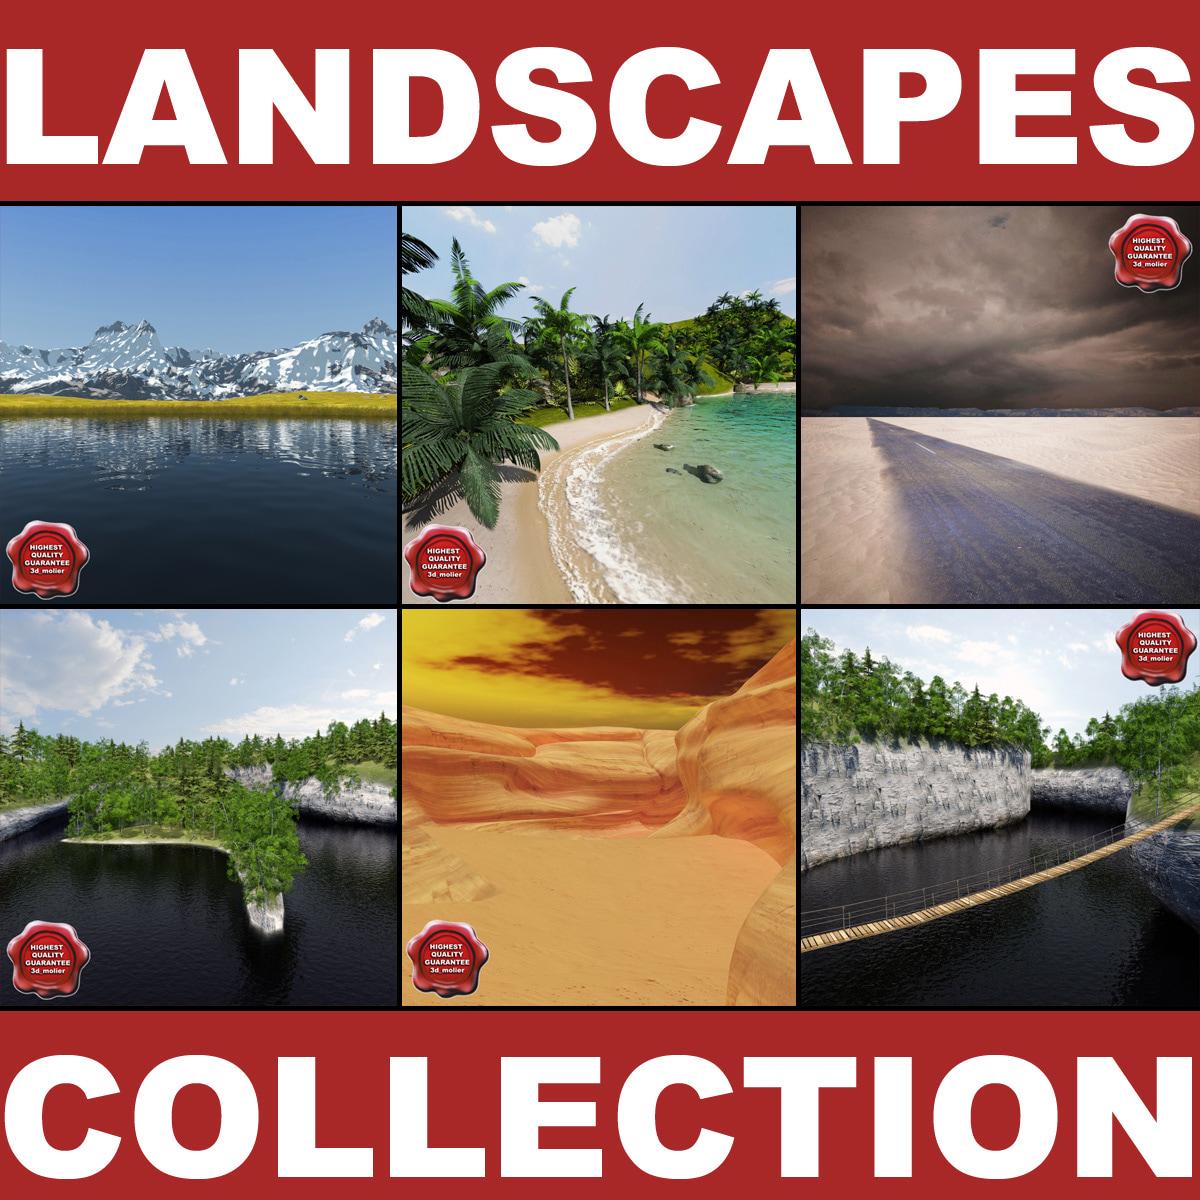 Landscapes_Collection_V2_00.jpg